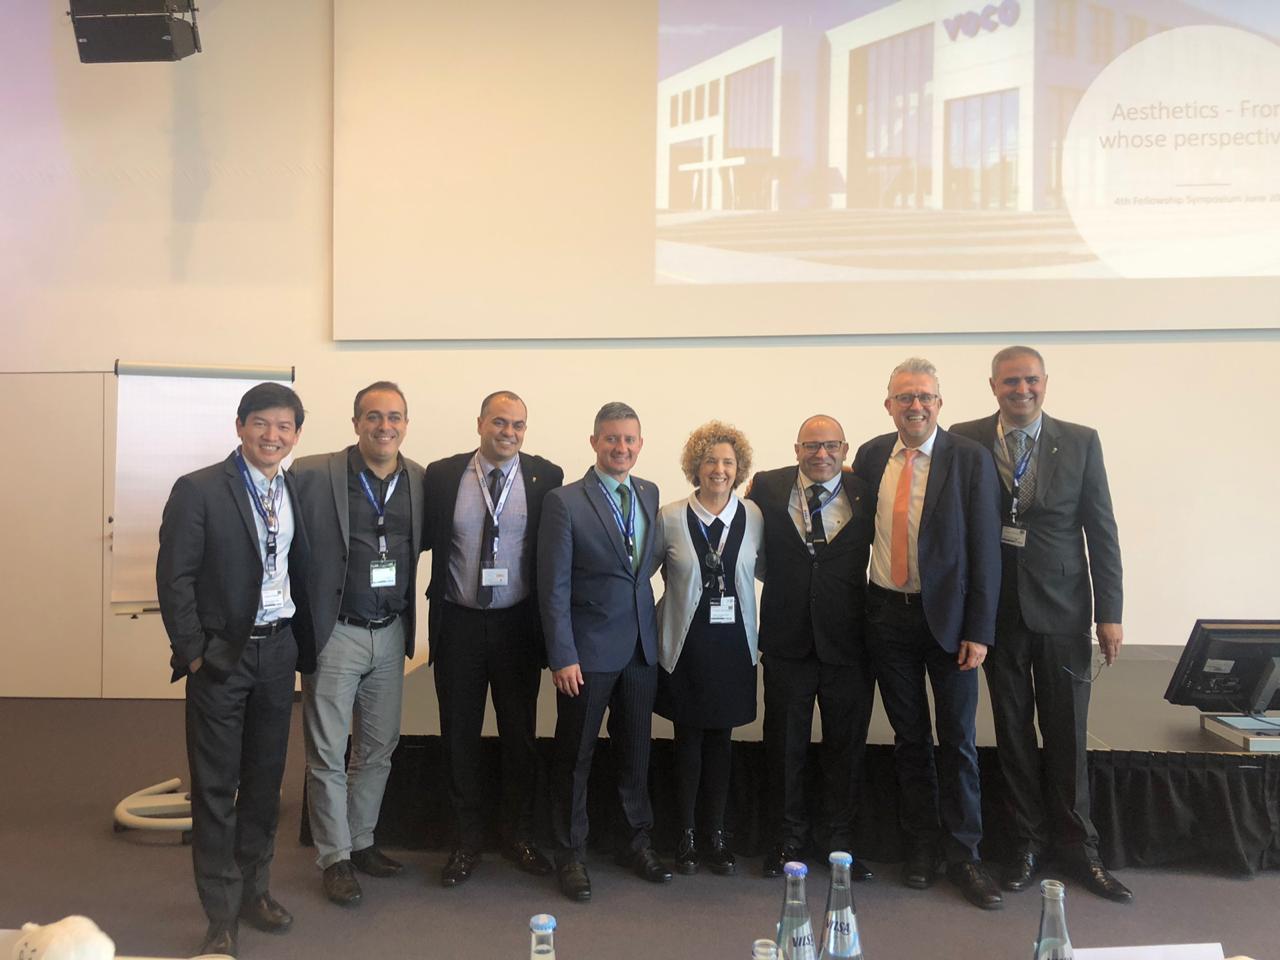 Grupo de professores brasileiros, juntamente com o Diretor Internacional da Voco